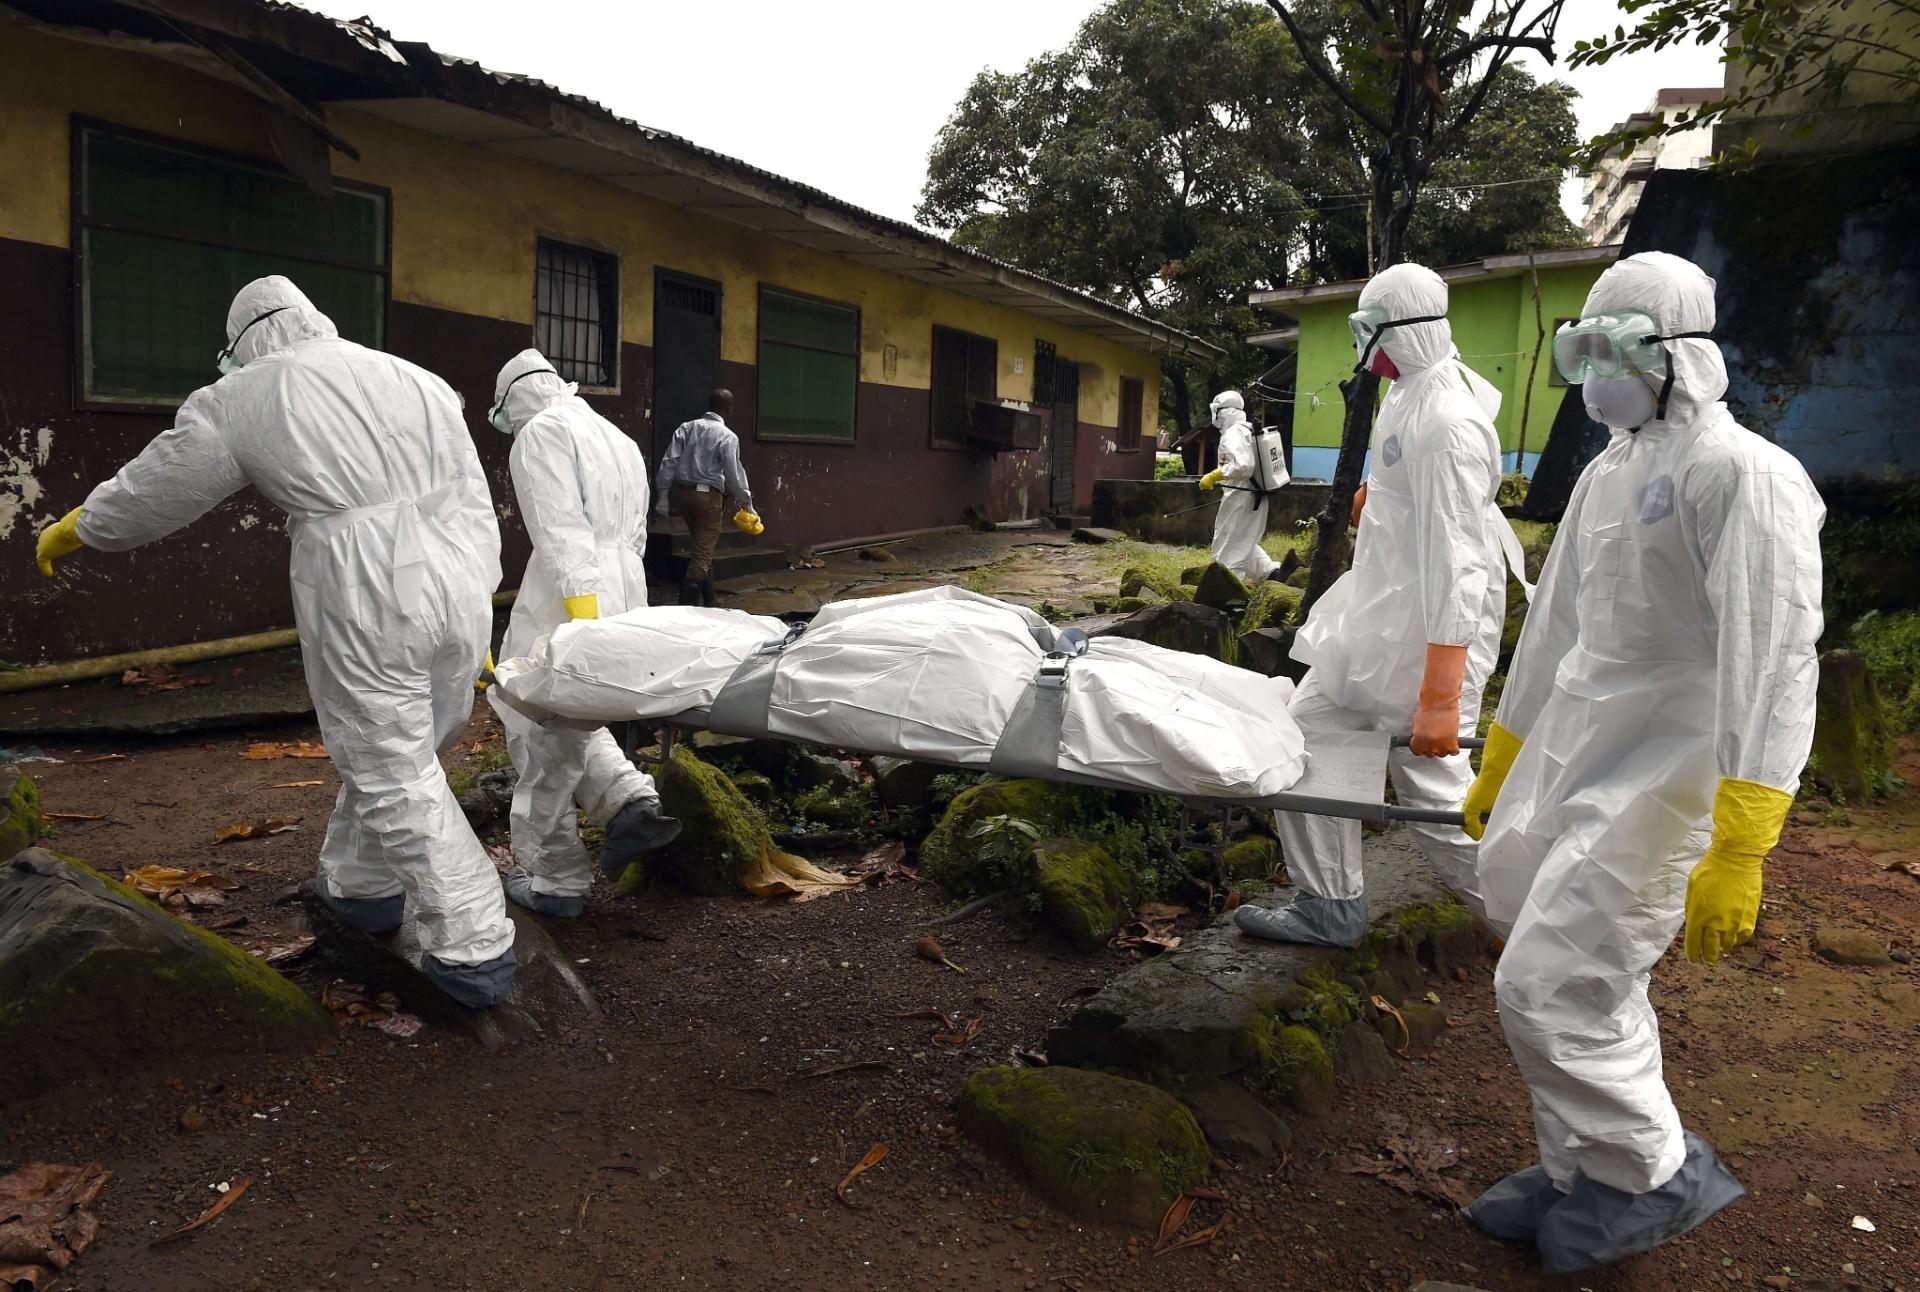 29.set.2014 - Membros da Cruz Vermelha carregam corpo de vítima do vírus ebola ao retirá-lo de sua casa em Monróvia, na Libéria